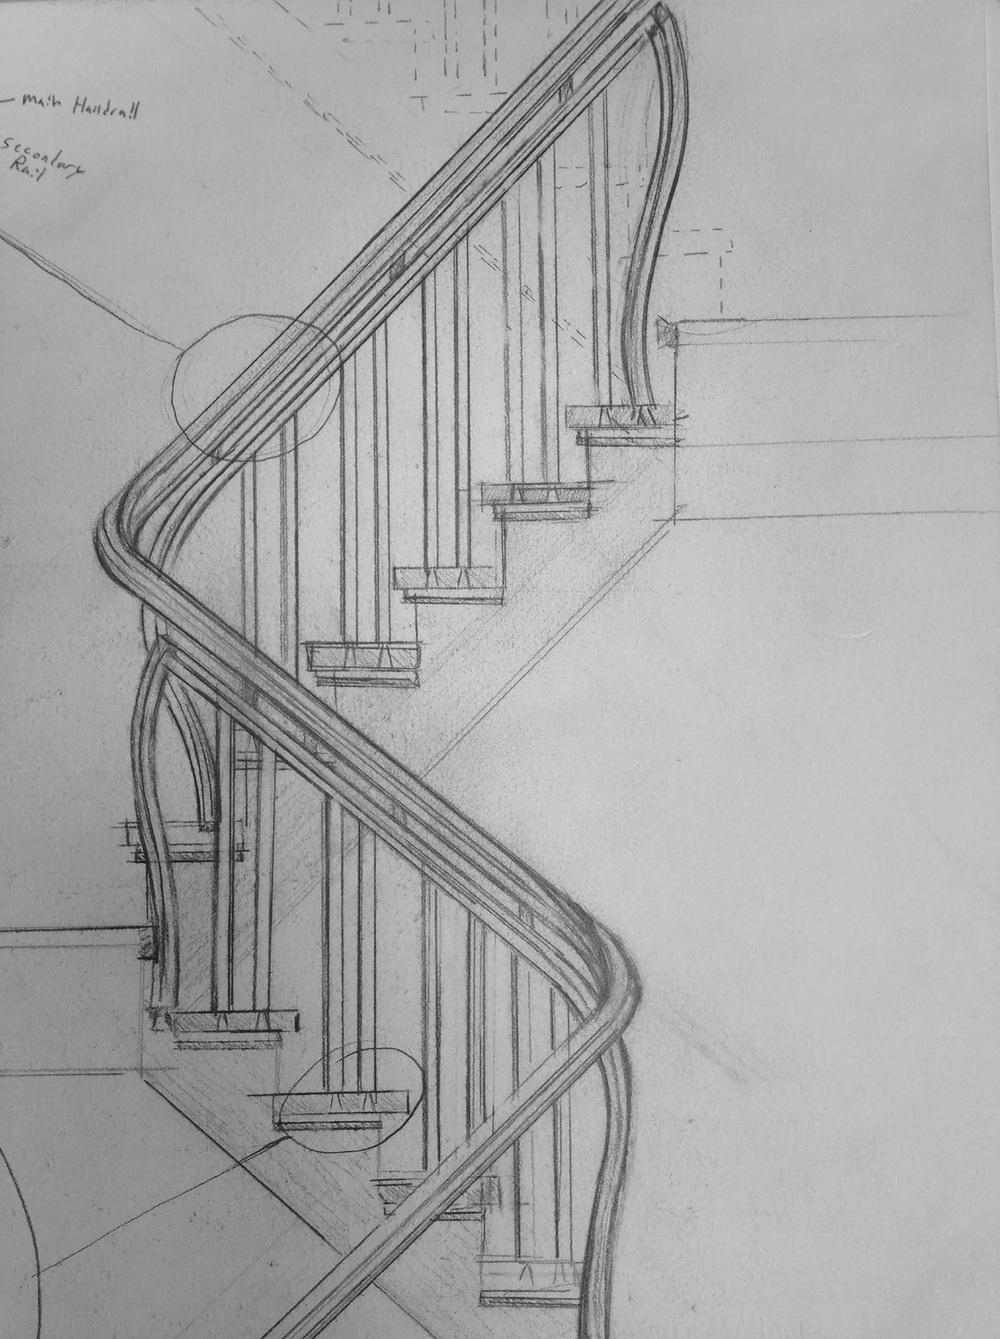 pinkus sketch.jpg